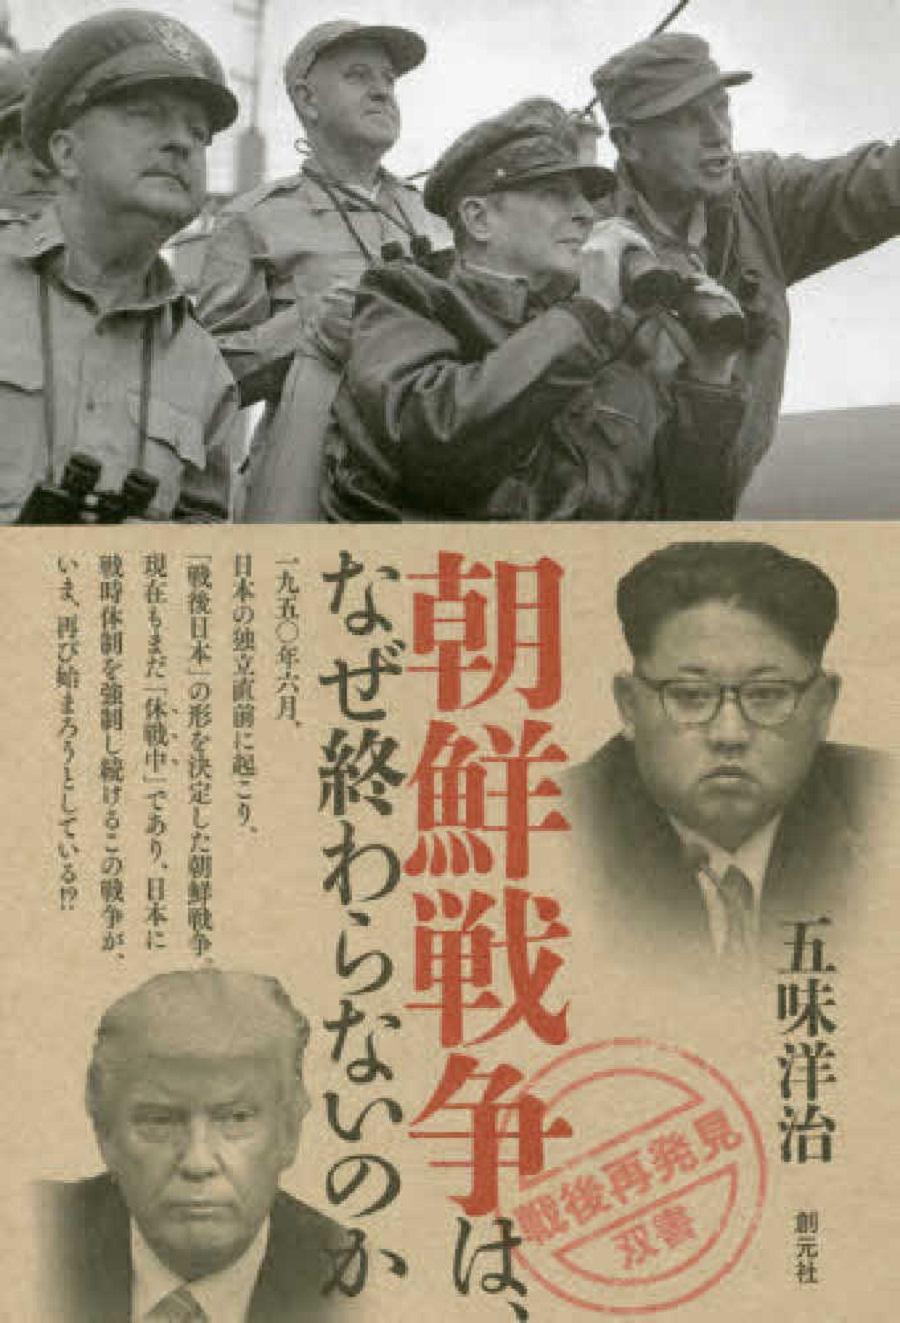 休戦 協定 戦争 朝鮮